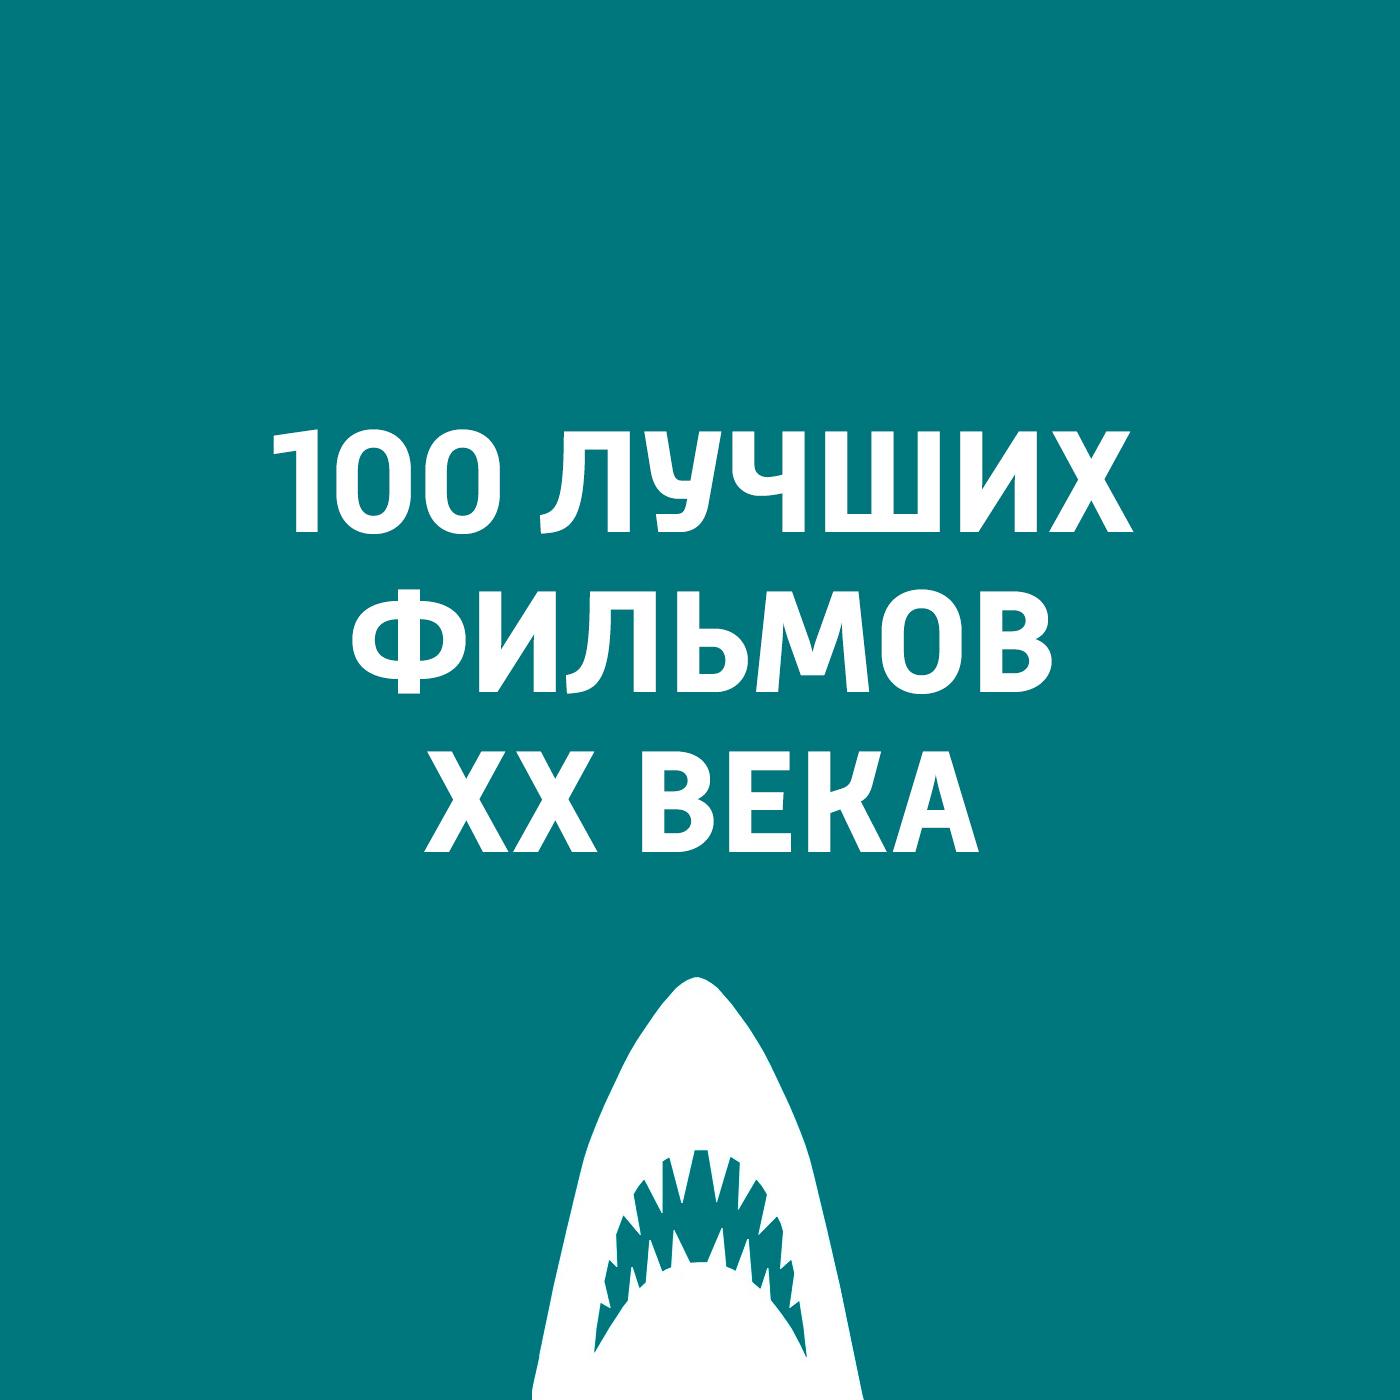 Антон Долин Сладкая жизнь антон долин сладкая жизнь